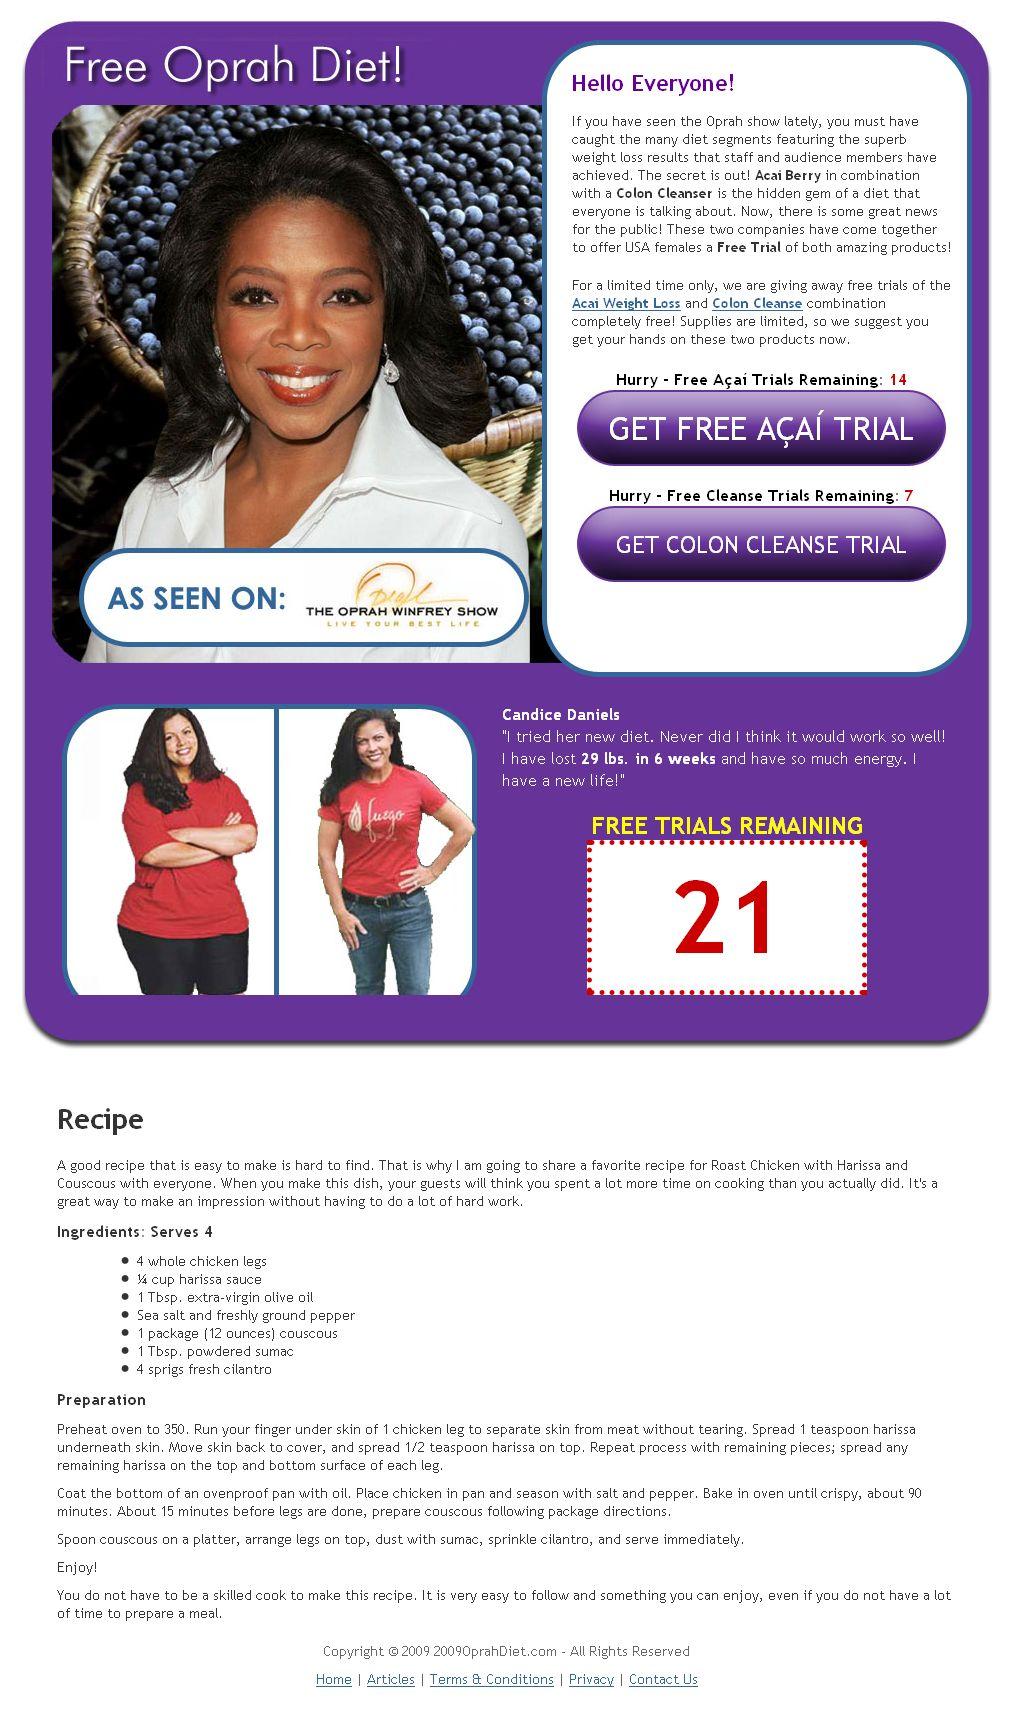 2009-oprah-diet